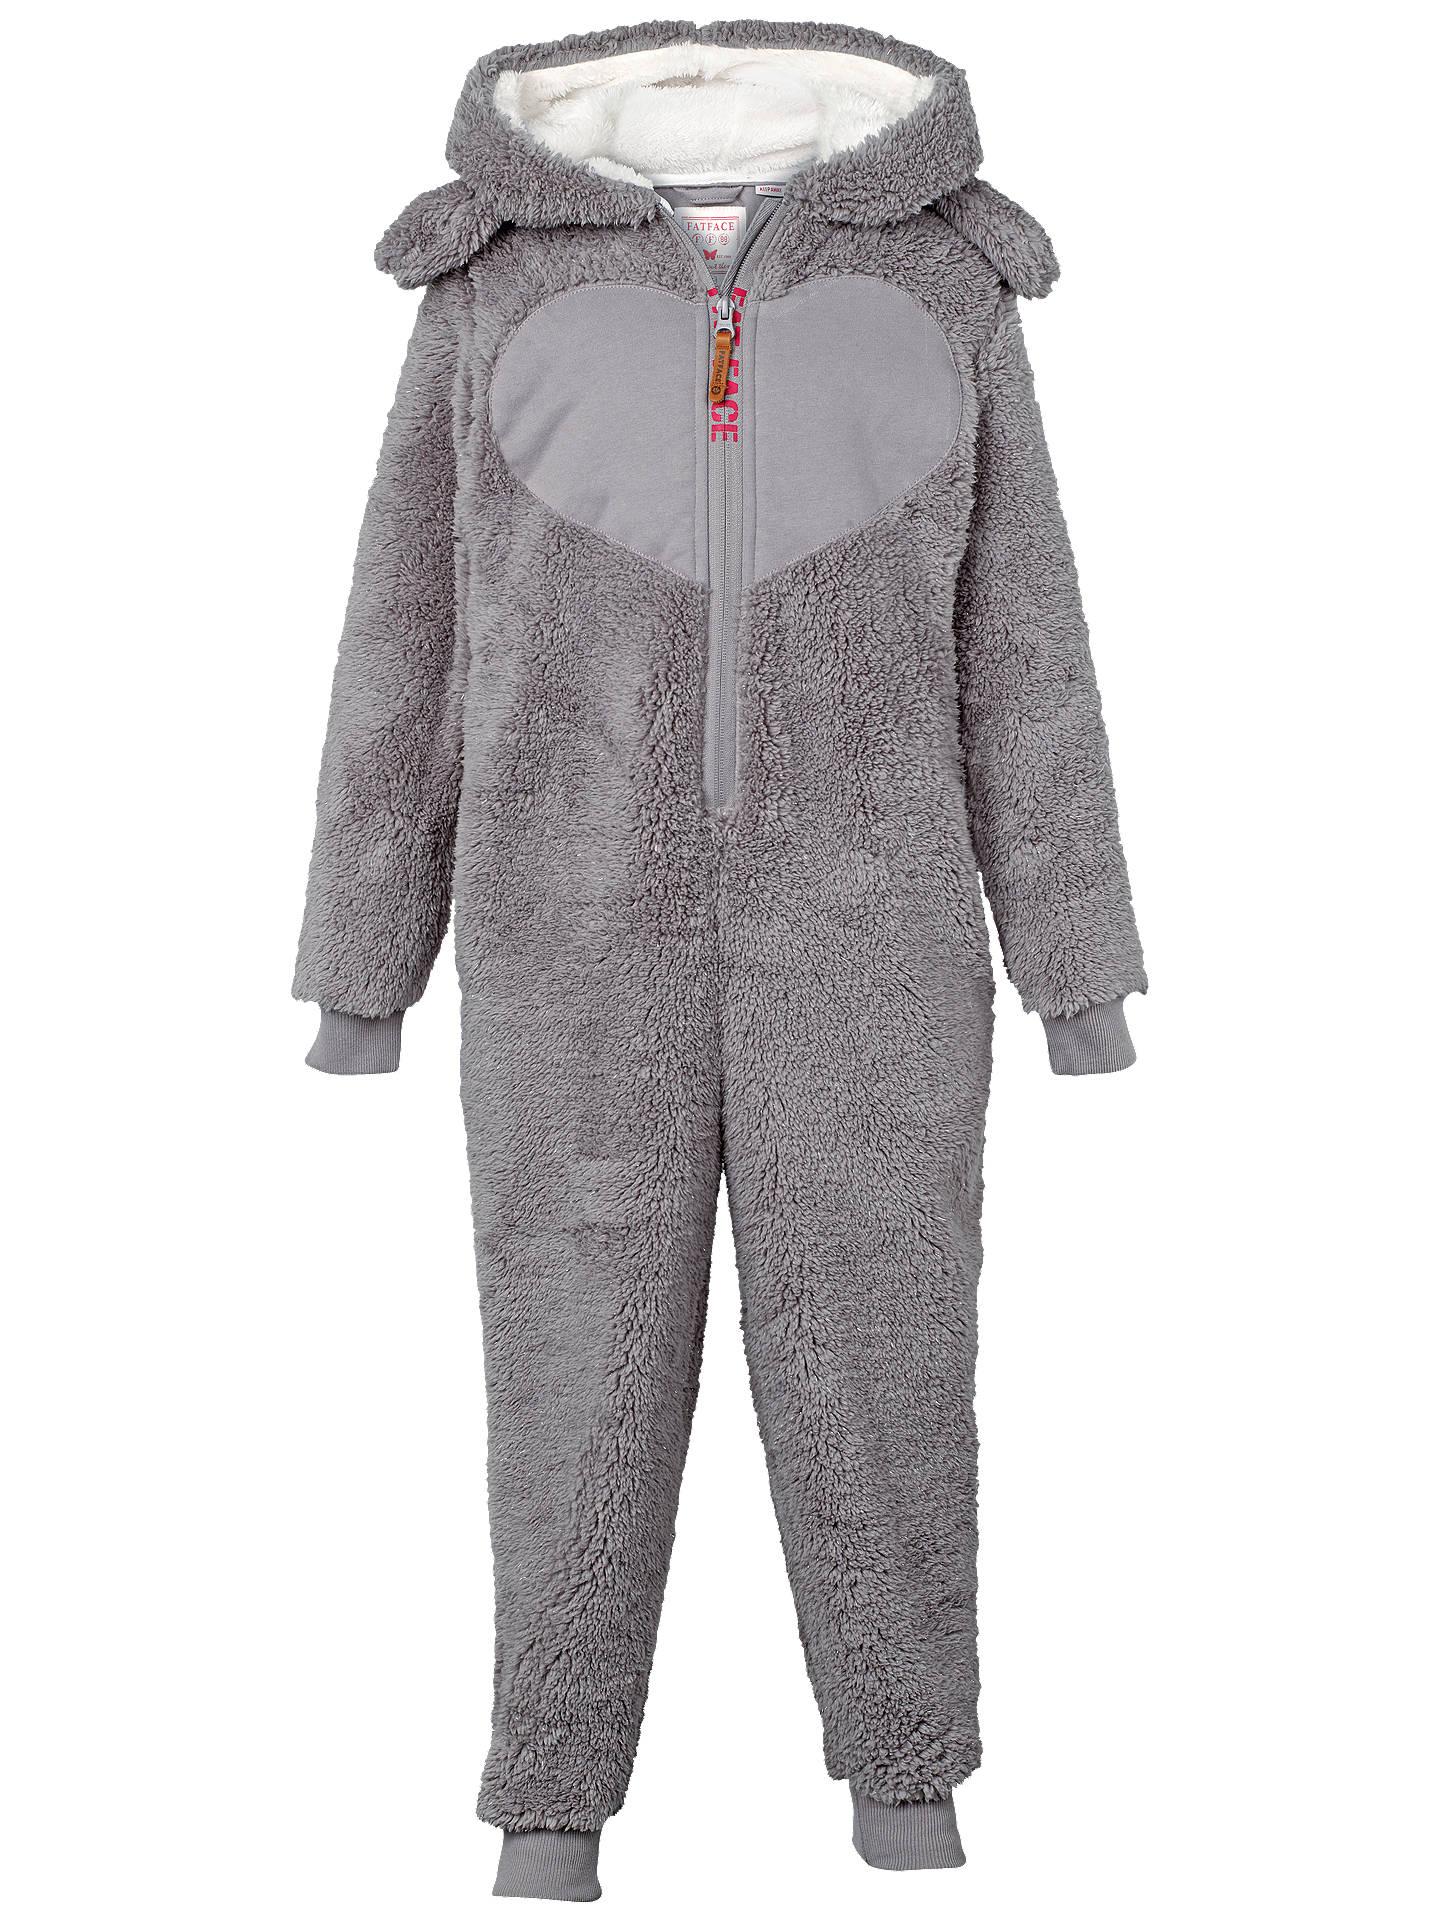 af454cea8267 Buy Fat Face Children s Bunny Onesie